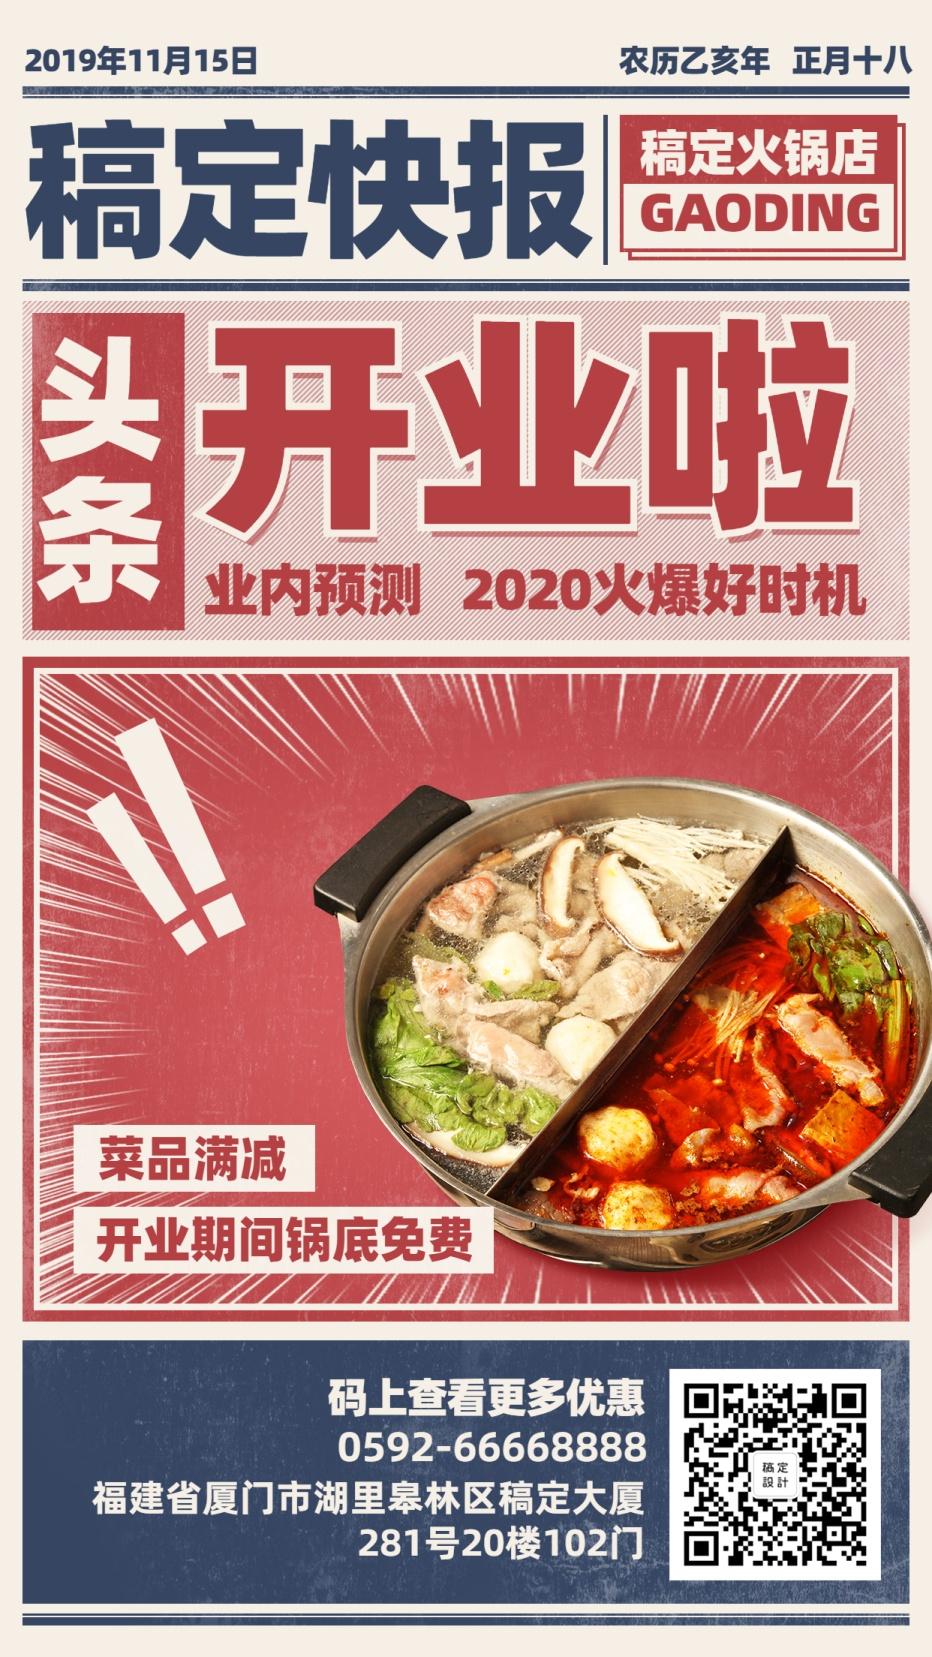 餐饮美食/火锅开业促销/复古报纸/手机海报